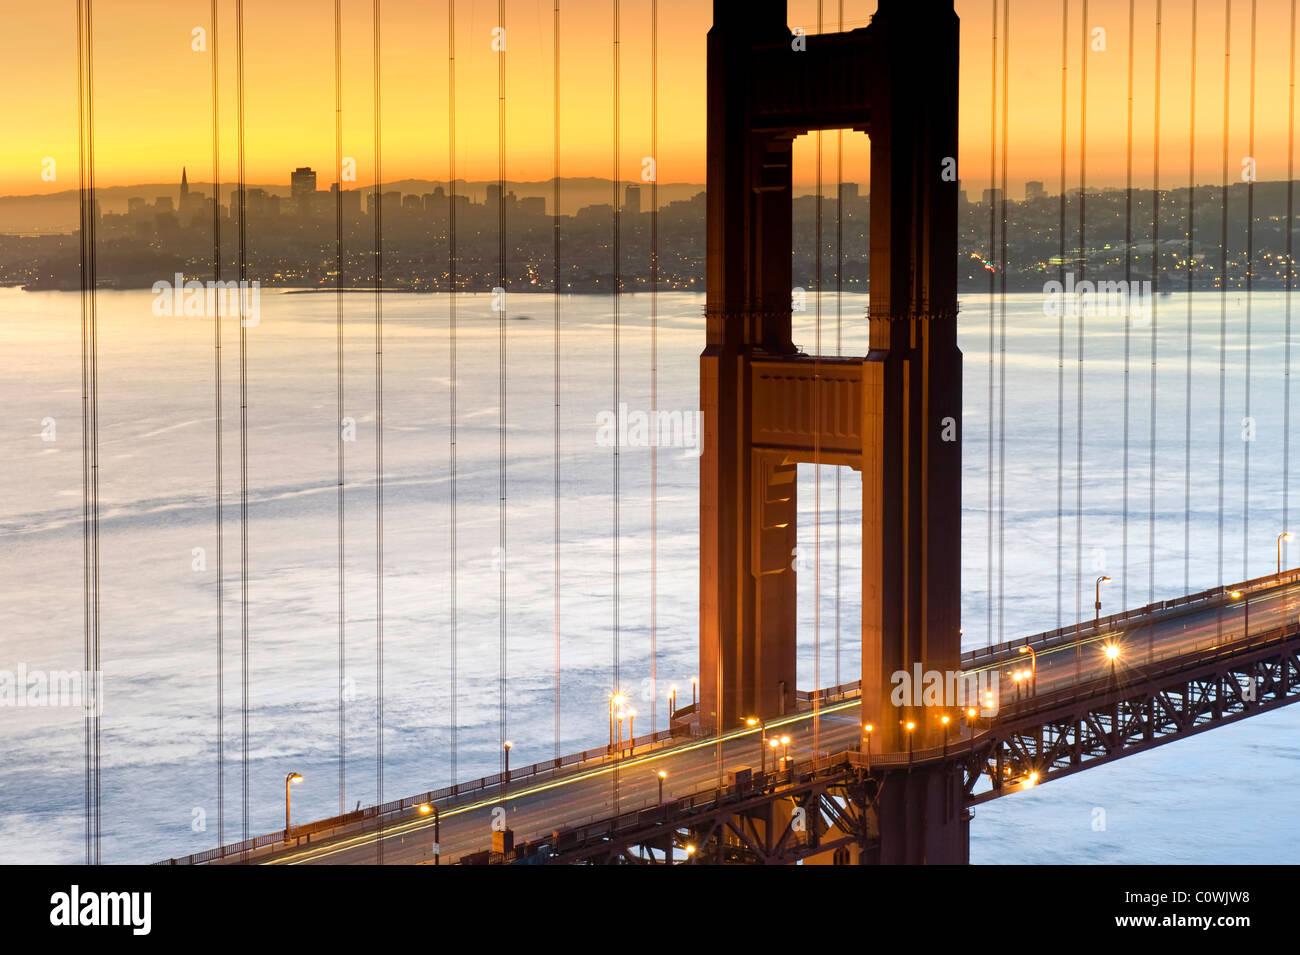 Stati Uniti, California, San Francisco, skyline della città e il Golden Gate Bridge Immagini Stock